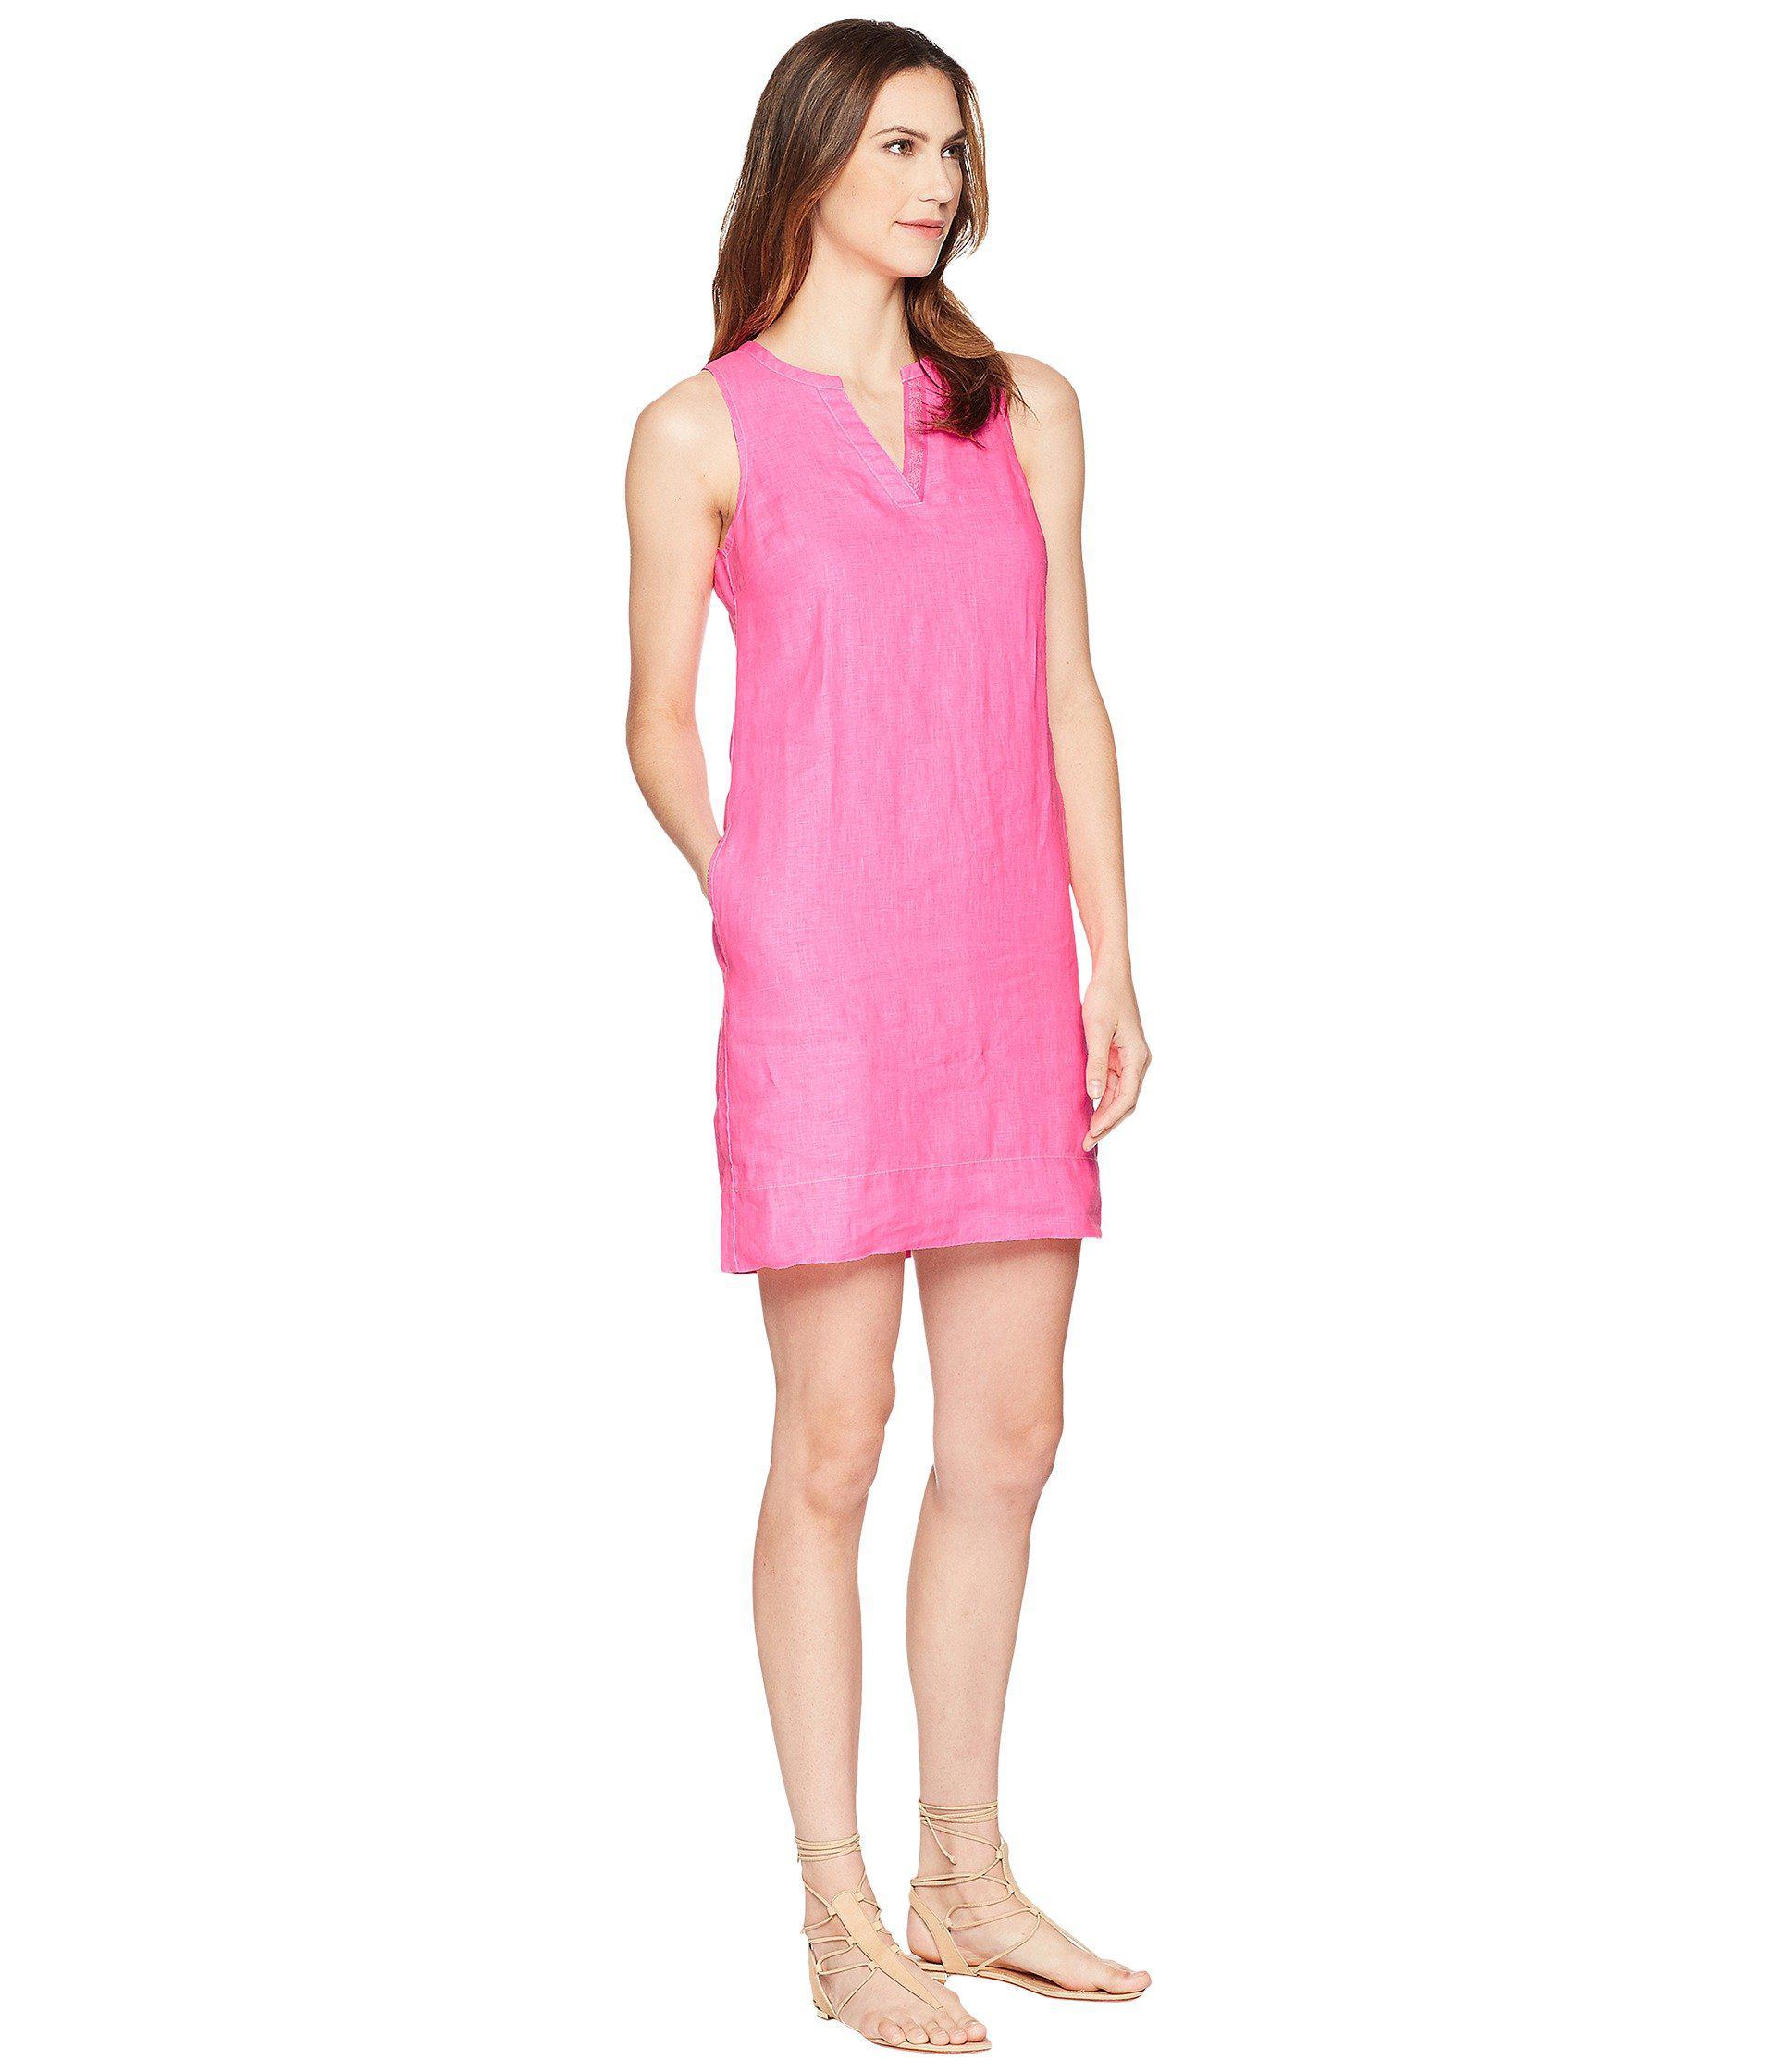 49d8aafc58 Tommy Bahama - Pink Seaglass Linen Shift Dress - Lyst. View fullscreen